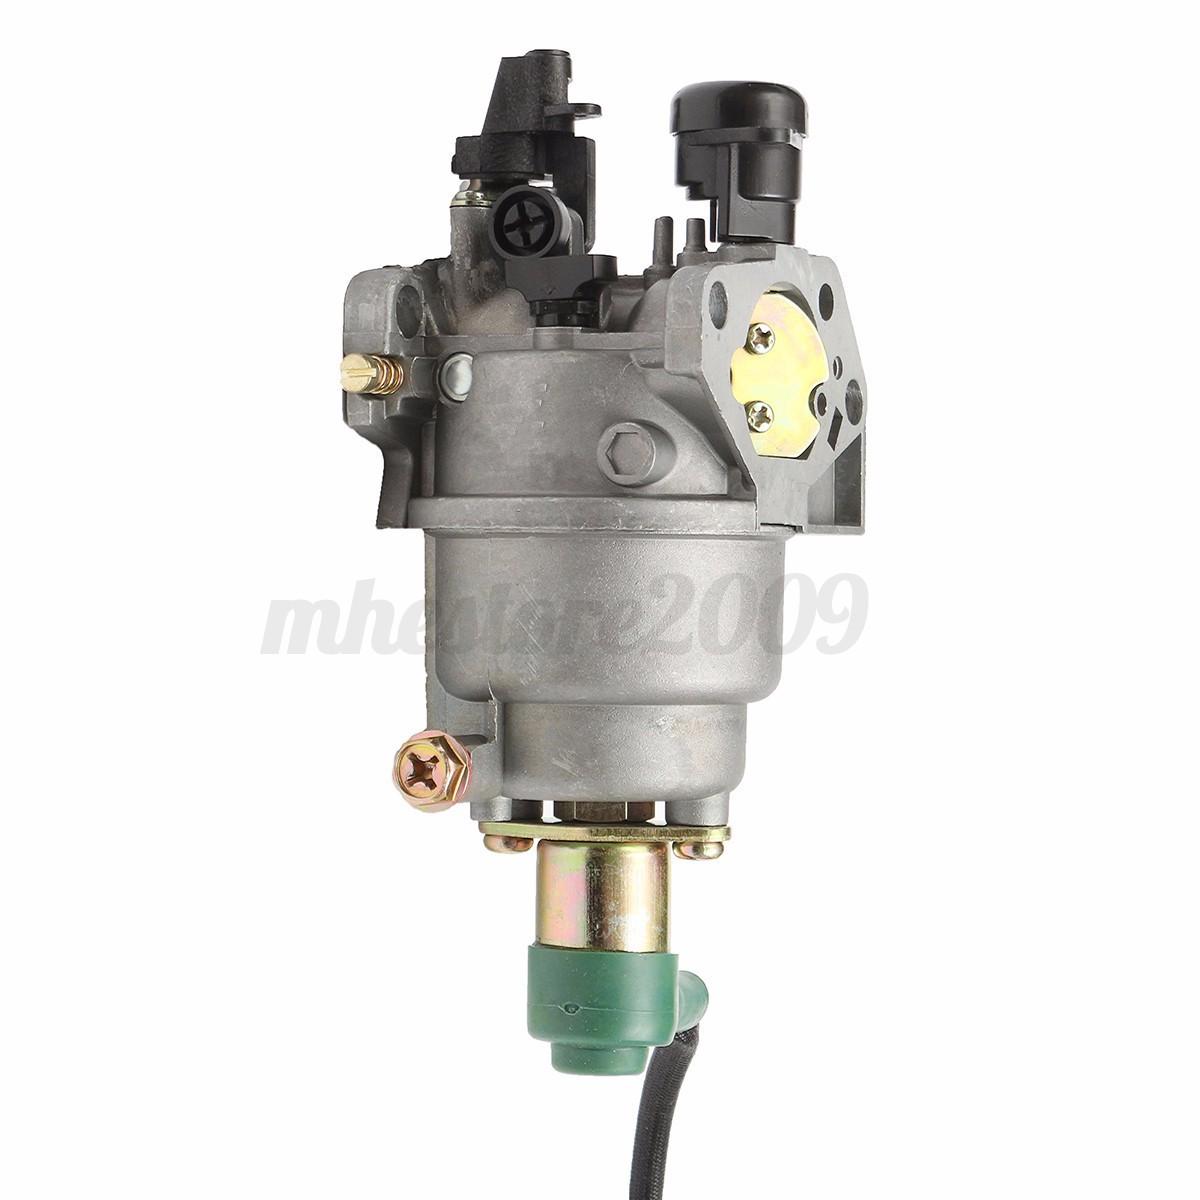 Carburetor For Honda Gx240 8hp Gx270 9hp Gx340 11hp Gx390